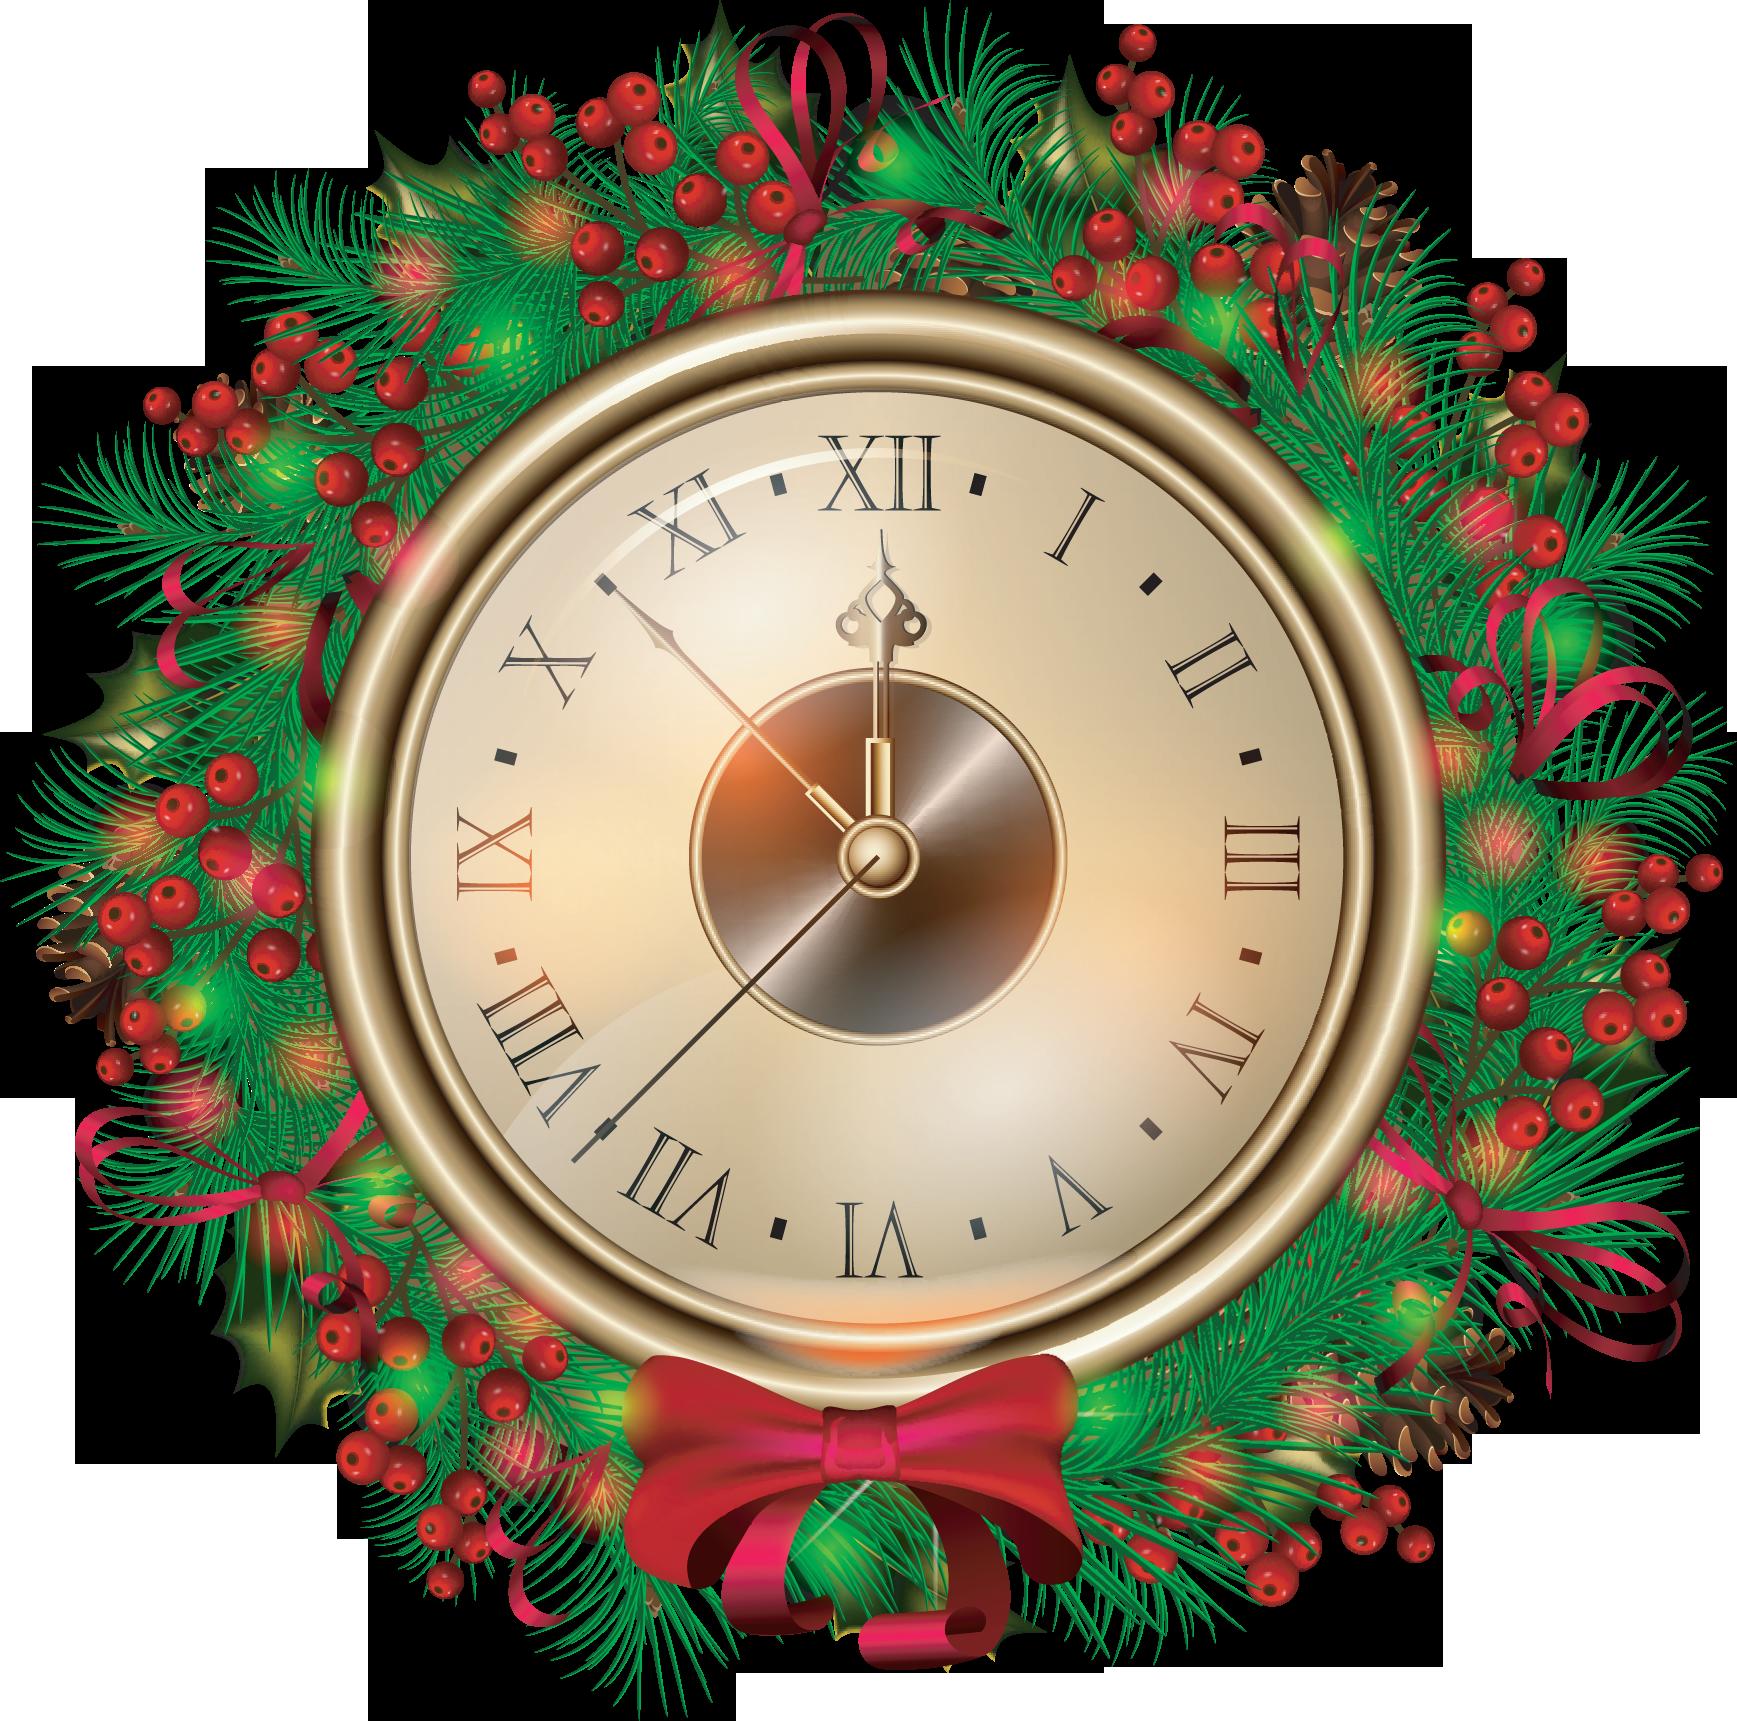 Расписание работы в Новогодние праздники